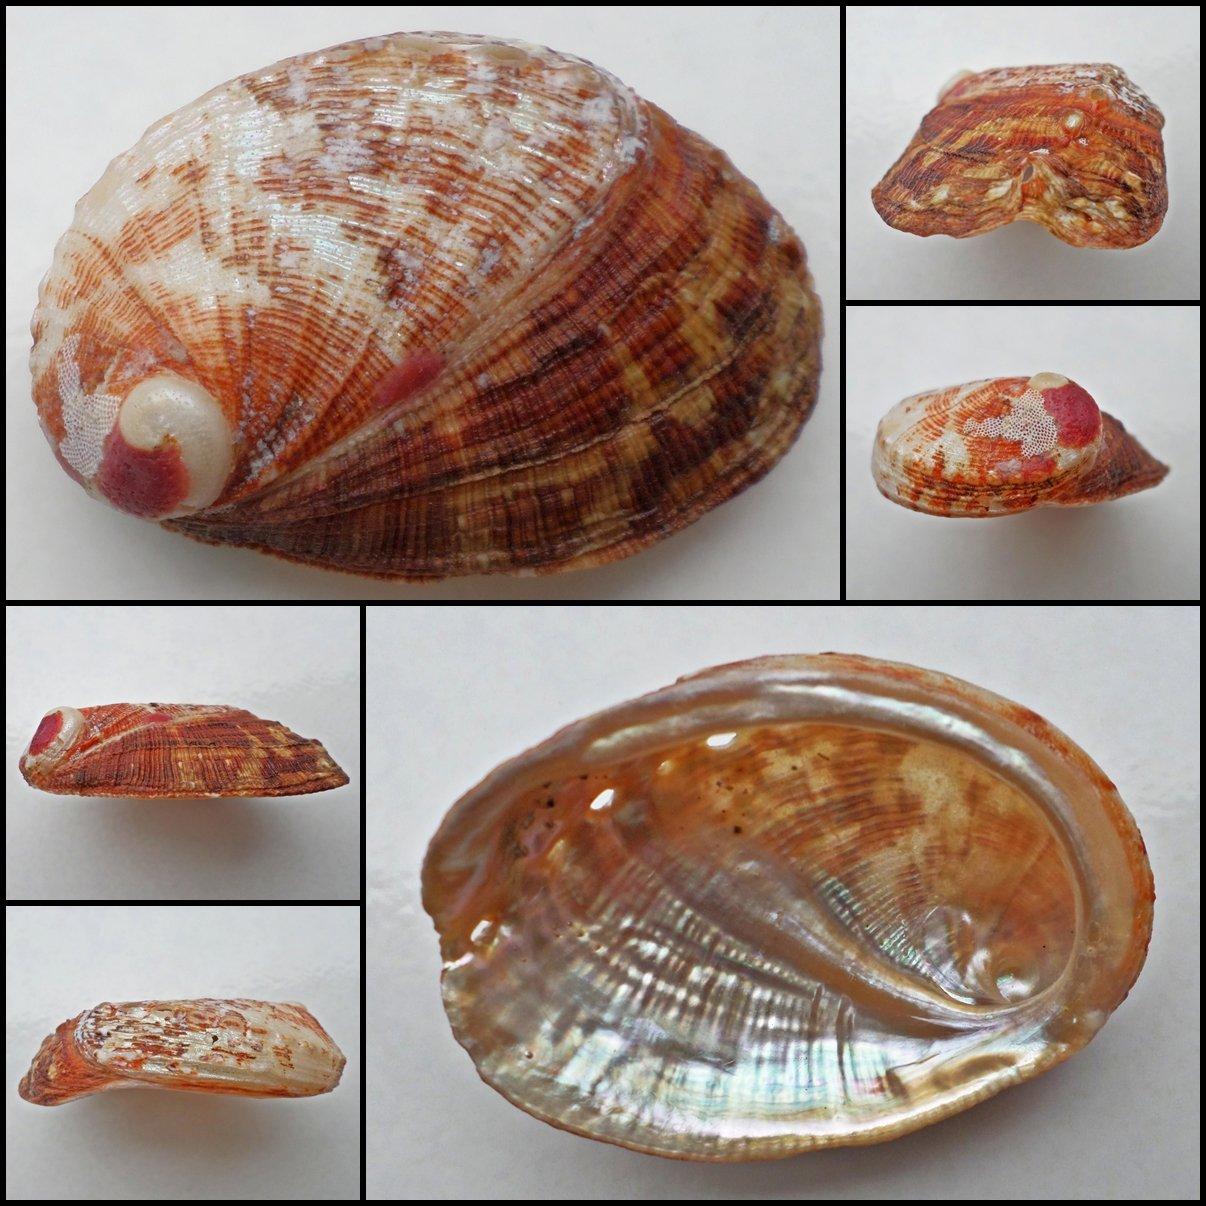 BCA13 - Haliotis diversicolor squamata 59.26mm